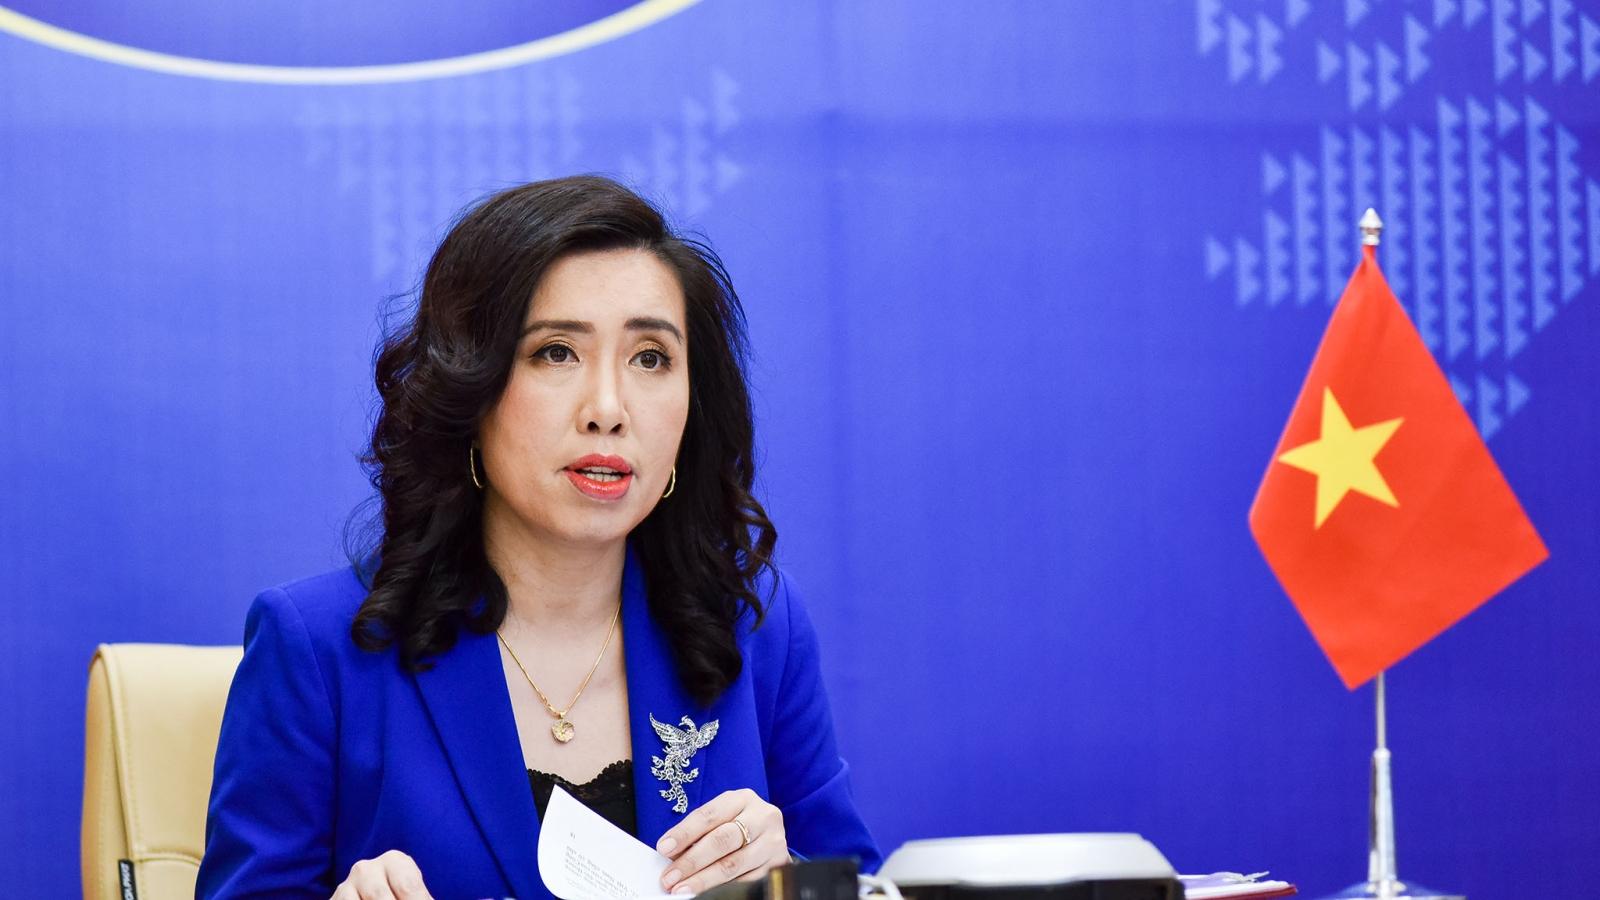 Việt Nam phản ứng trước thông tin Trung Quốc sẽ đưa tàu nghiên cứu tới Hoàng Sa